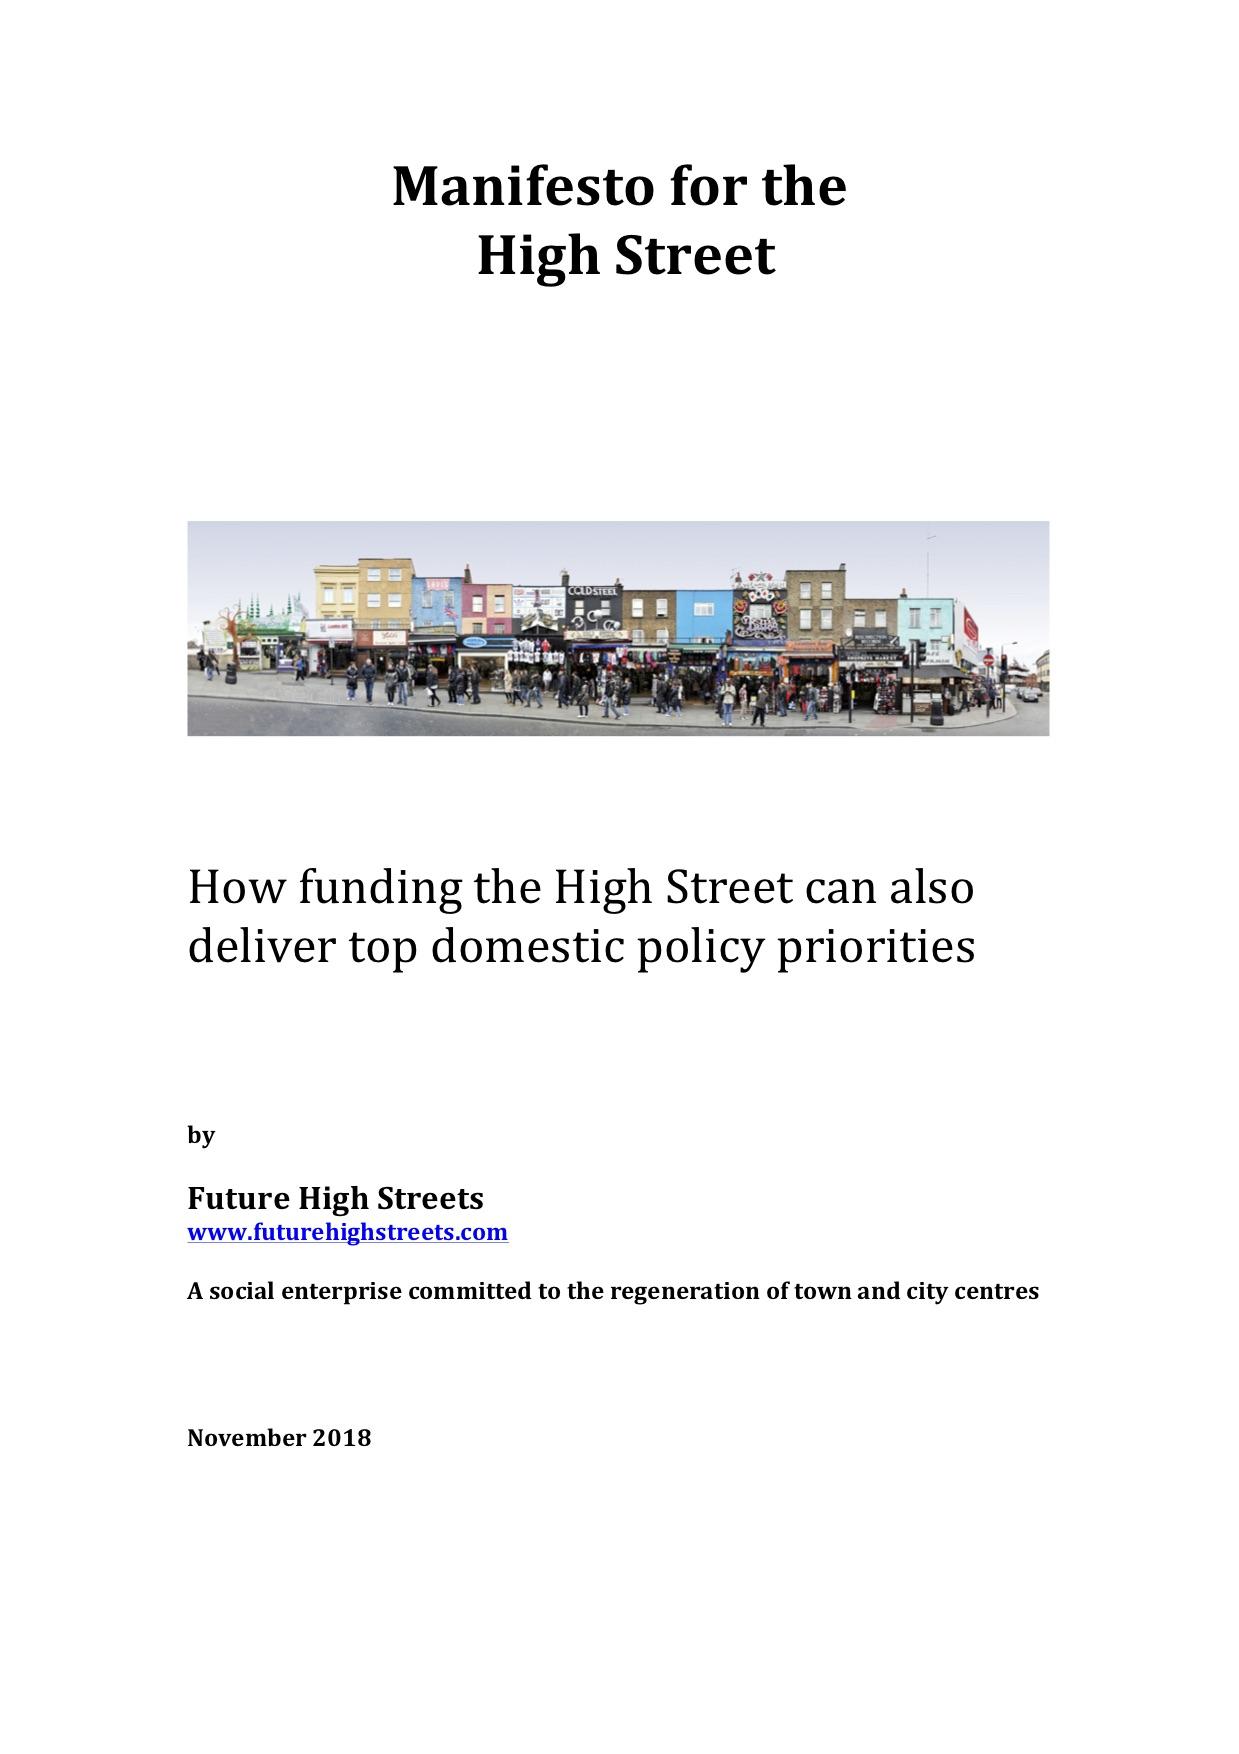 Manifesto for the High Street Nov 2019.jpg